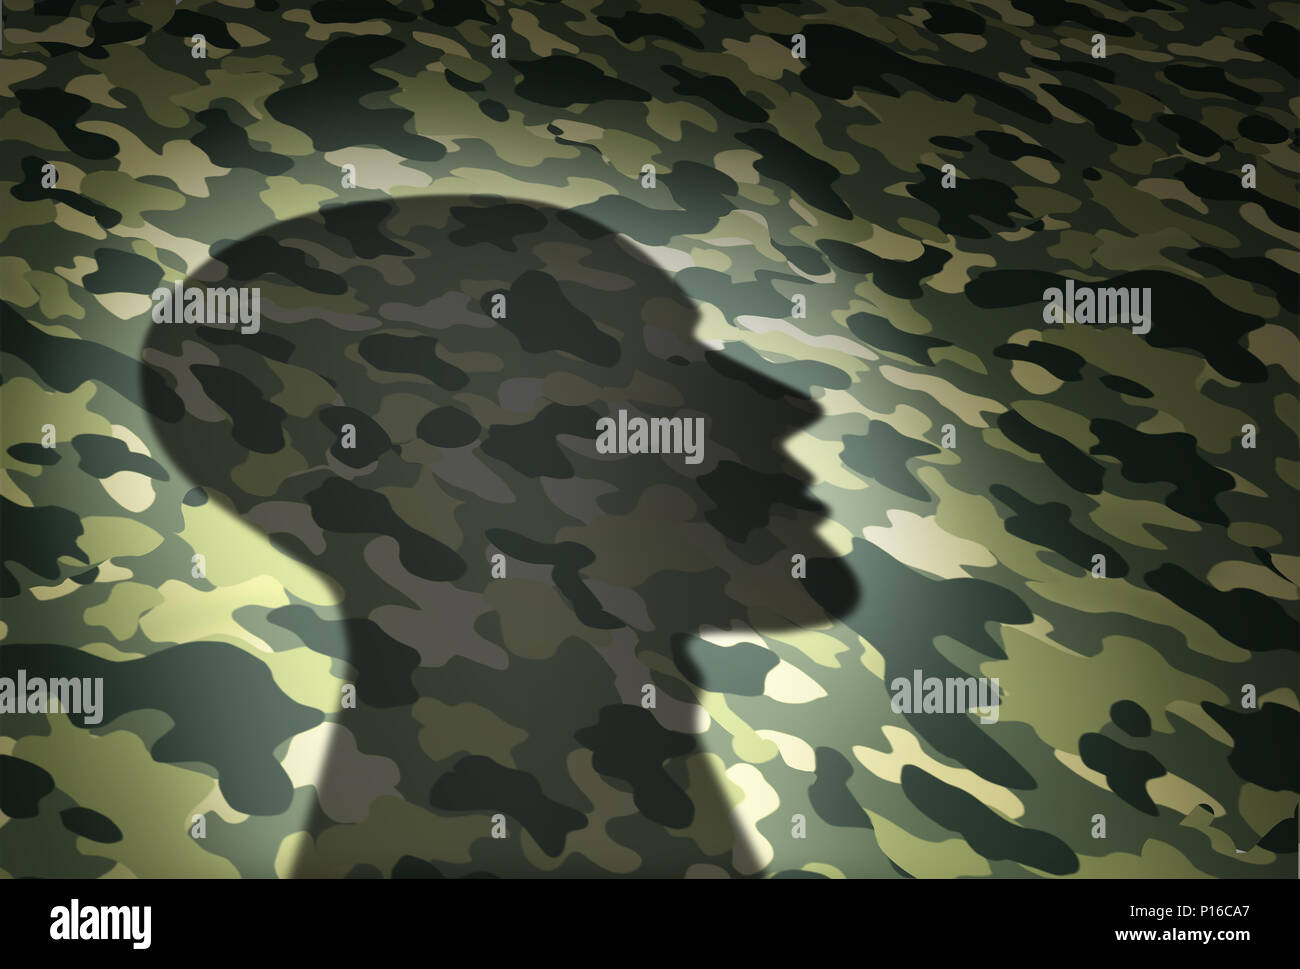 Concepto de asuntos militares y de veteranos o el símbolo de seguridad va como la sombra de un soldado en un camuflaje textura en 3D de una ilustración de estilo. Imagen De Stock